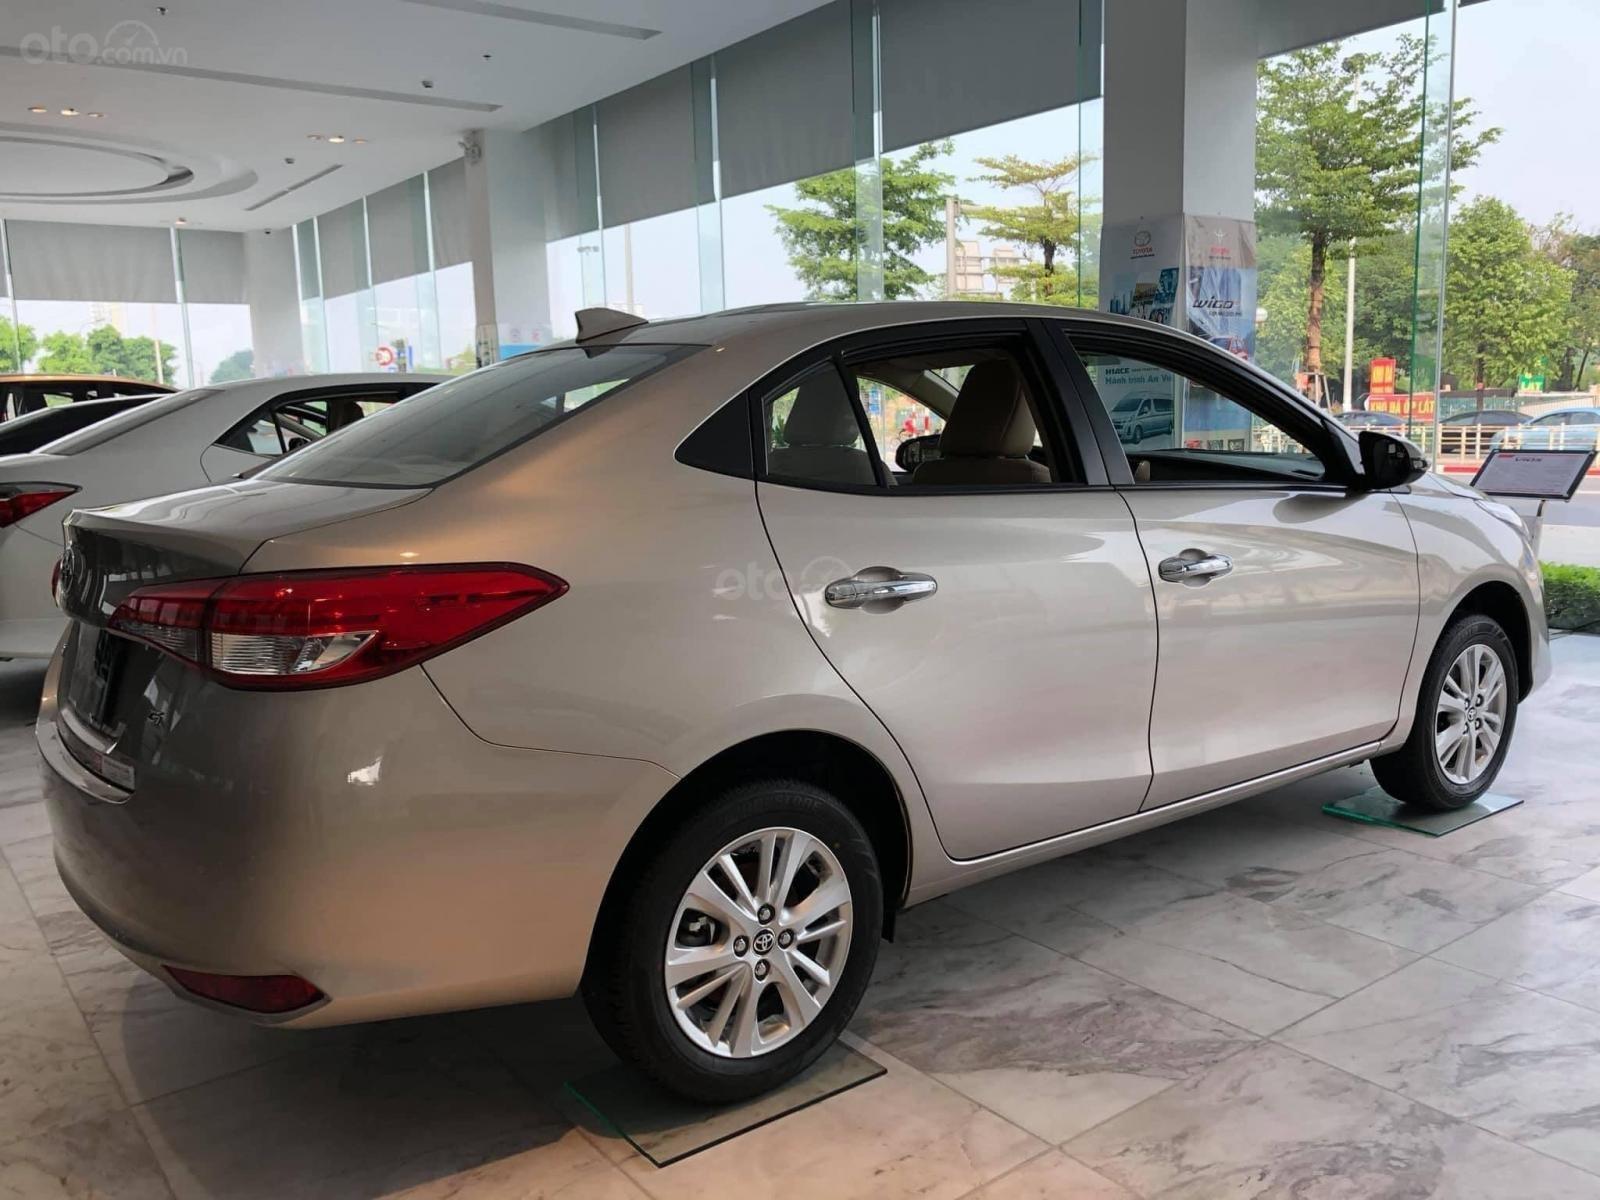 Toyota Vios 2021 xe giao tháng 1 ưu đãi tốt, hỗ trợ trả góp tối đa 80% (3)